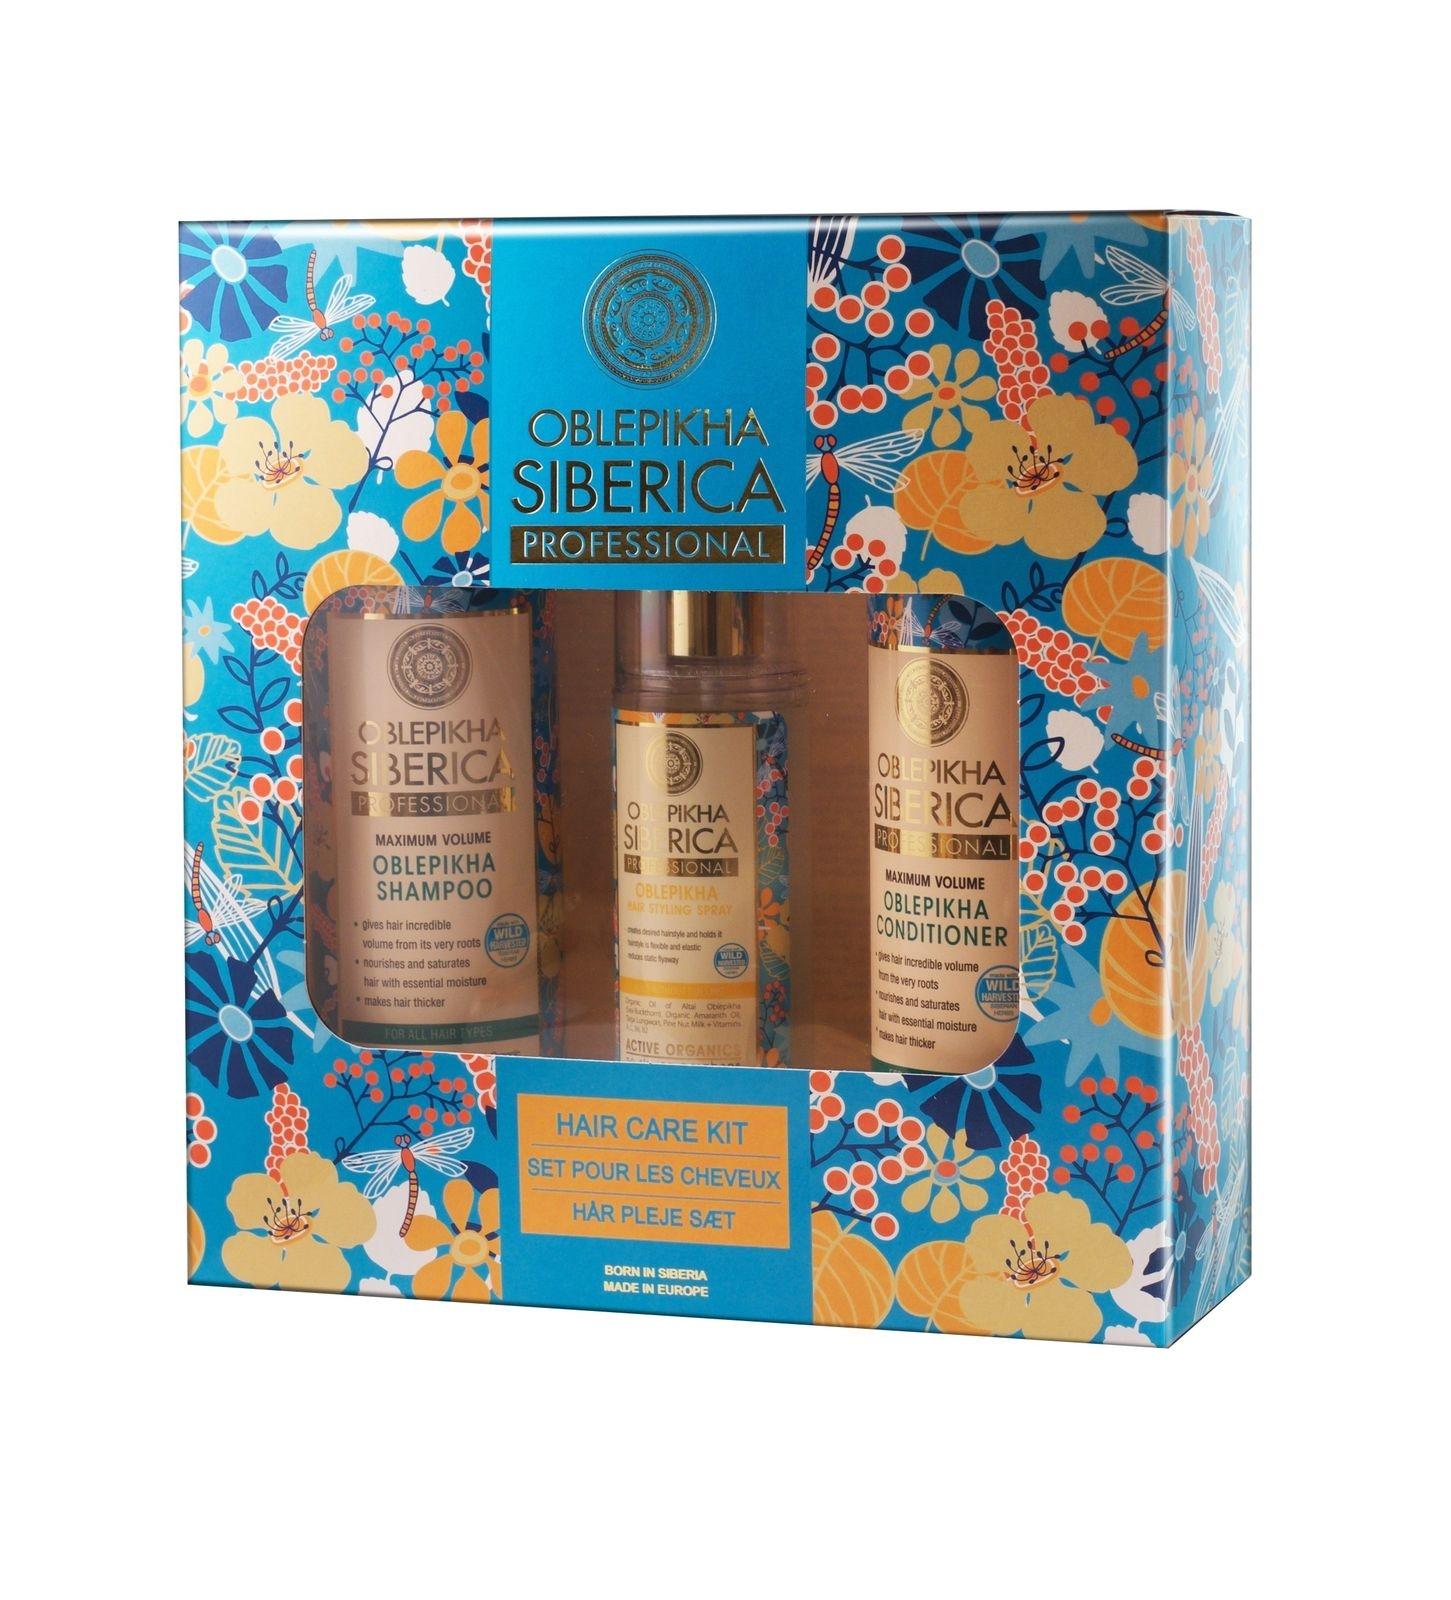 SET Natural Siberica Oblepikha Hair Care Kit (W) szampon do włosów 400ml + odżywka do włosów 400ml + spray do stylizacji włosów 125ml